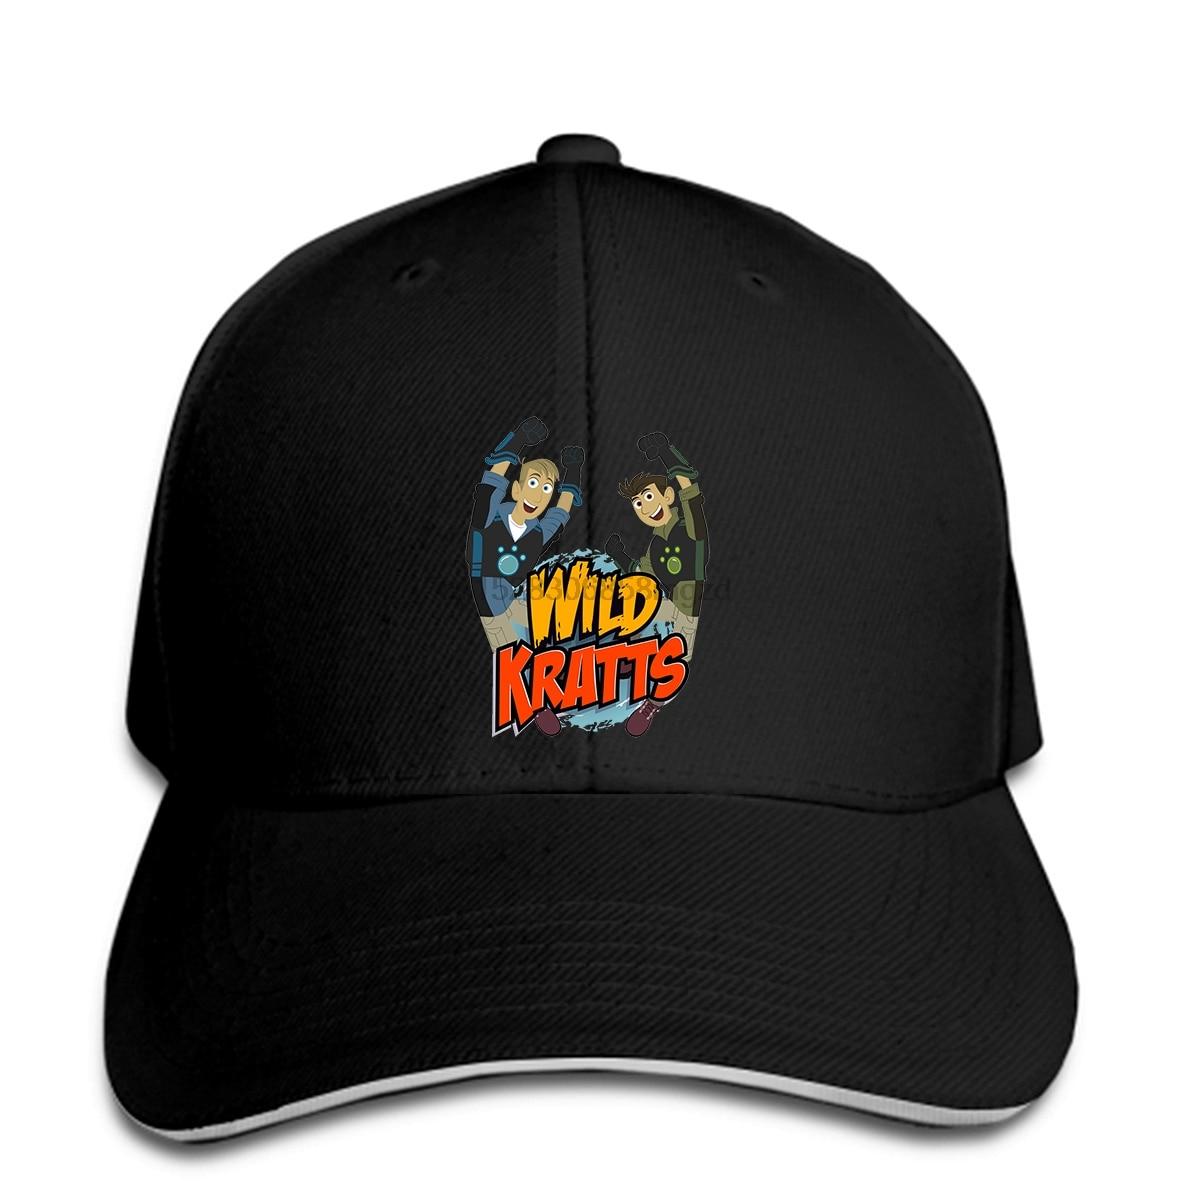 Hombre salvaje Kratts Humor deportes negro gorra con Cierre trasero mujer sombrero pico